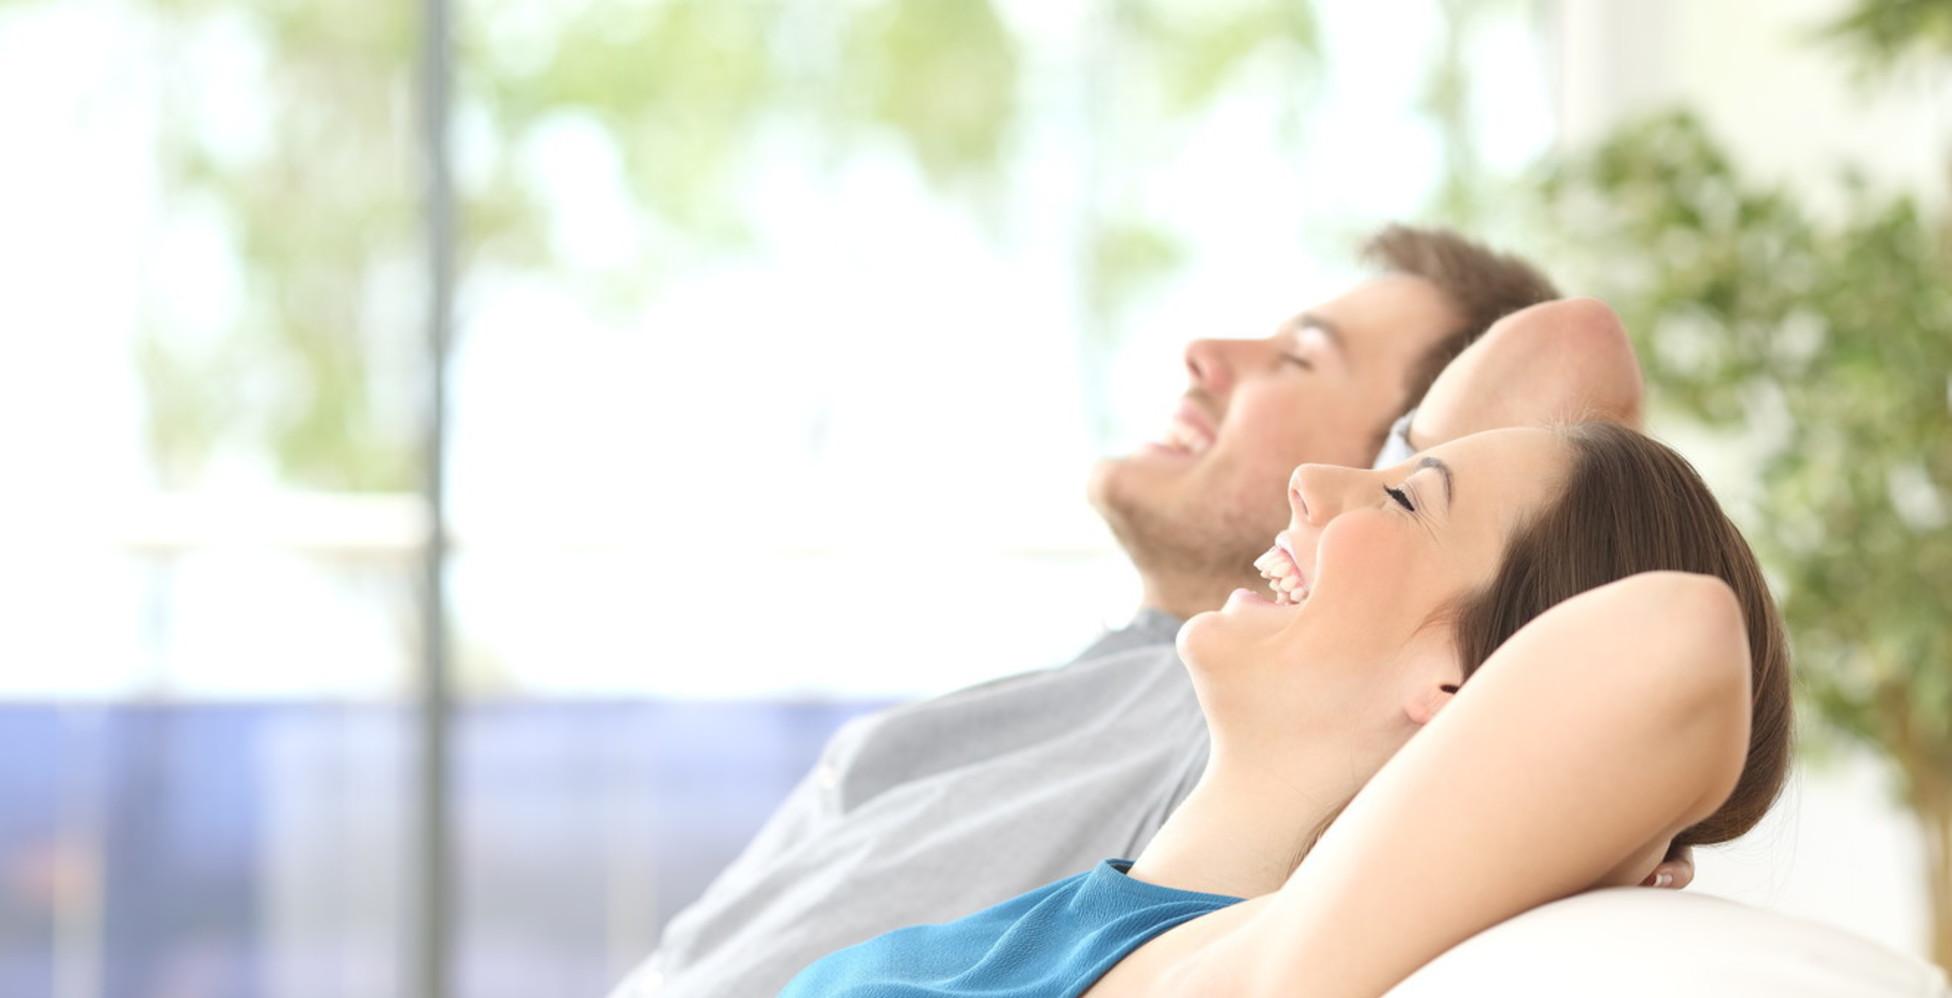 Igiene in casa, il 70% degli italiani è preoccupatoper l'aria che respira